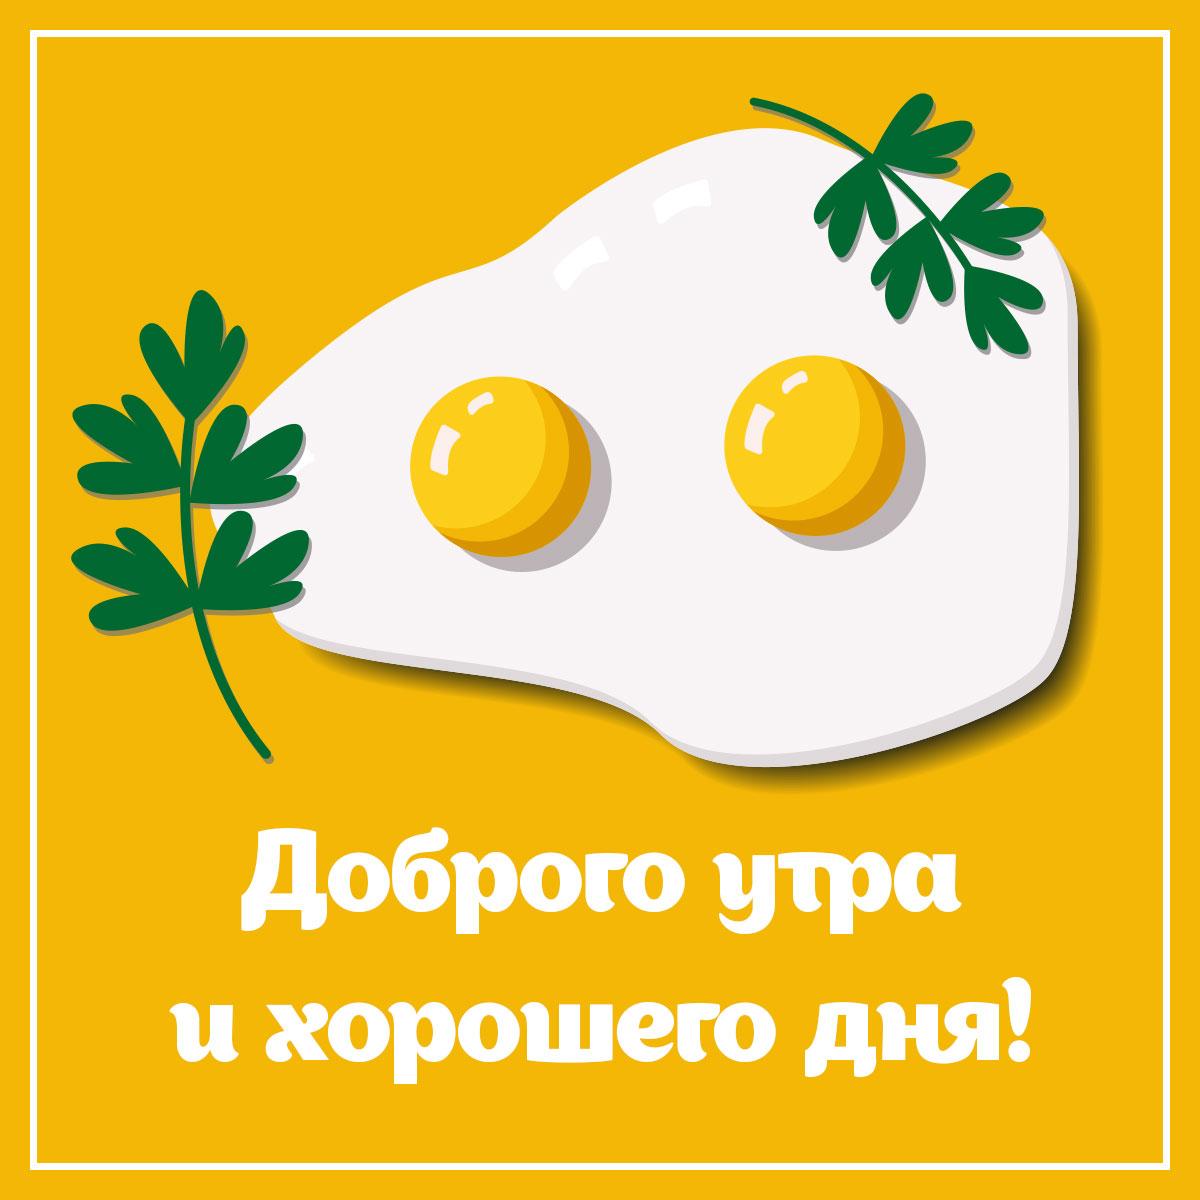 Картинка жёлтого цвета для пикчи с добрым утром с яичницей - глазуньей и текстом пожелания.